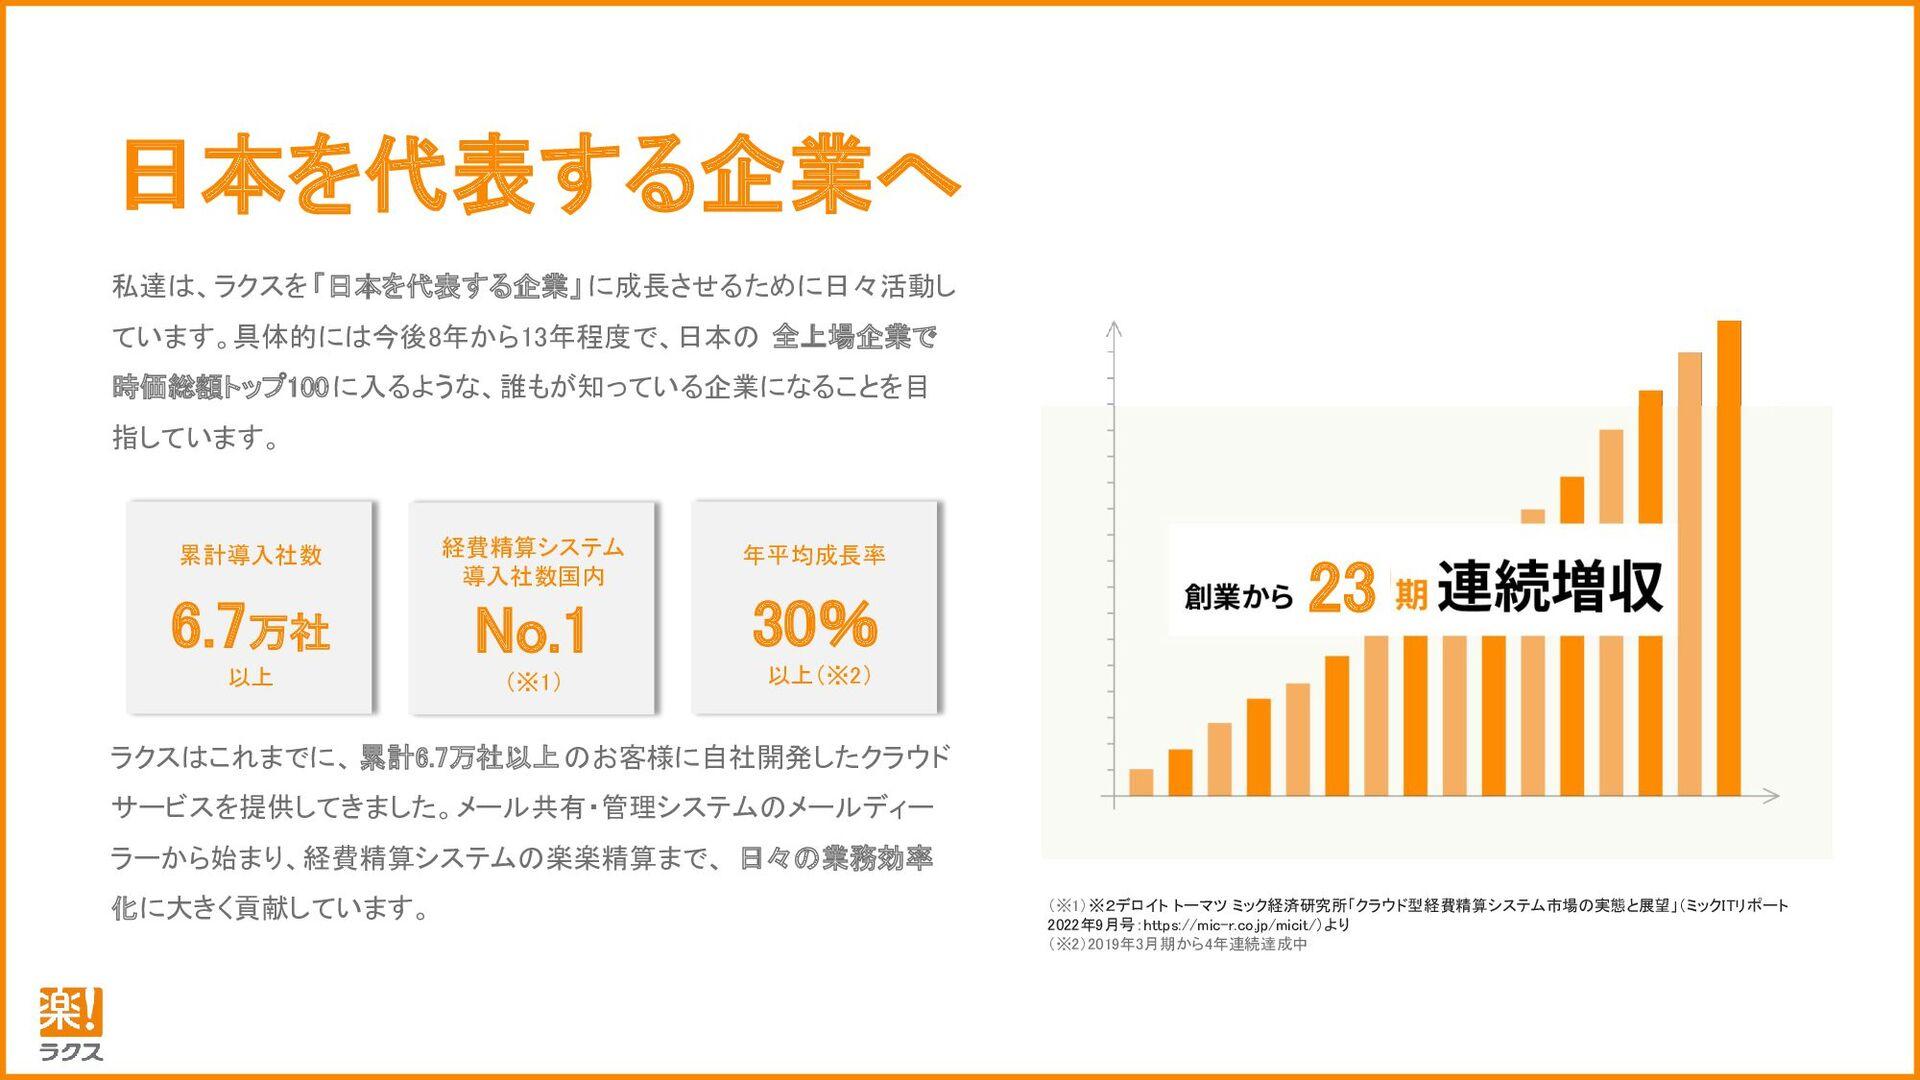 日本を代表する企業へ 私達は、ラクスを「日本を代表する企業」に成長させるために日々 活動してい...